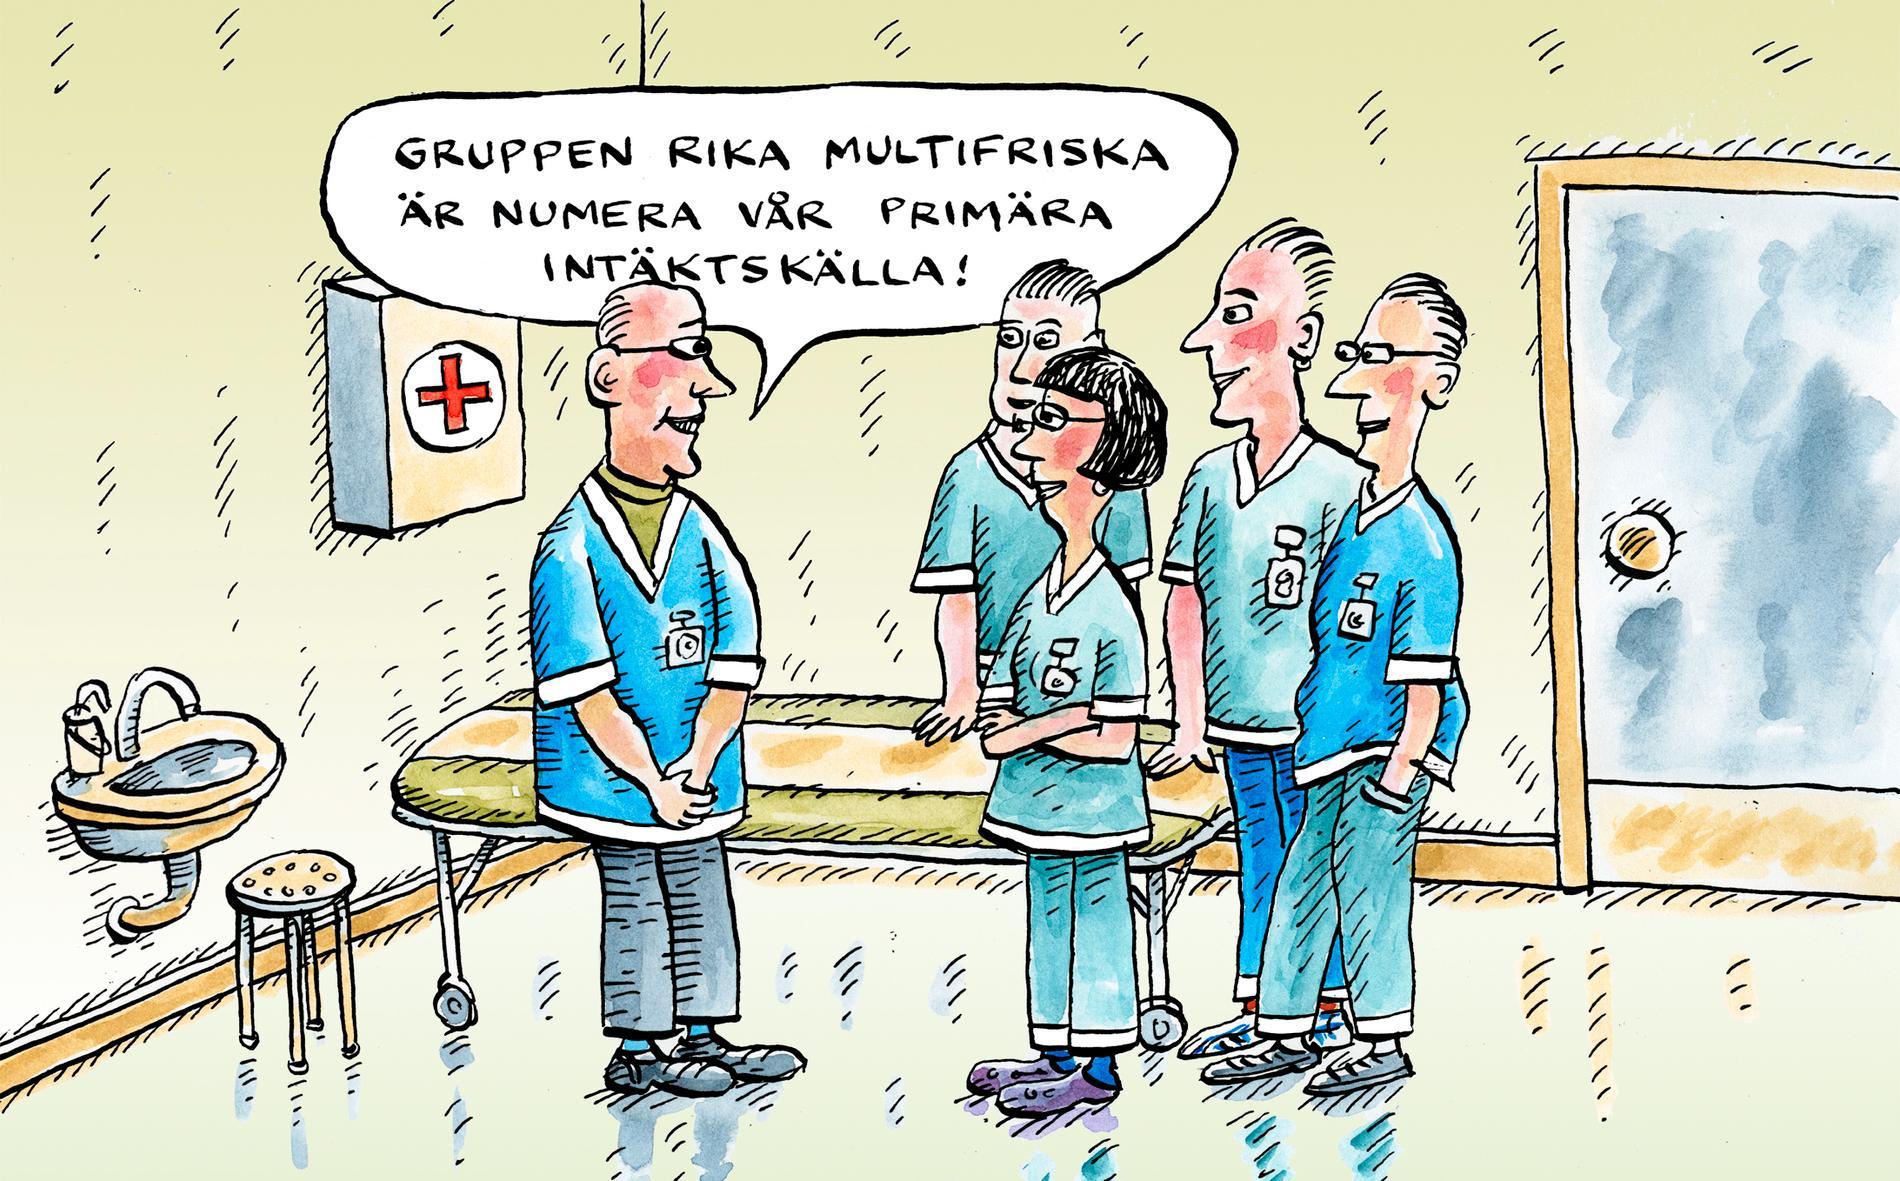 Det går inte att öka kvaliteten i vård, skola och omsorg utan att stoppa vinstjakten.